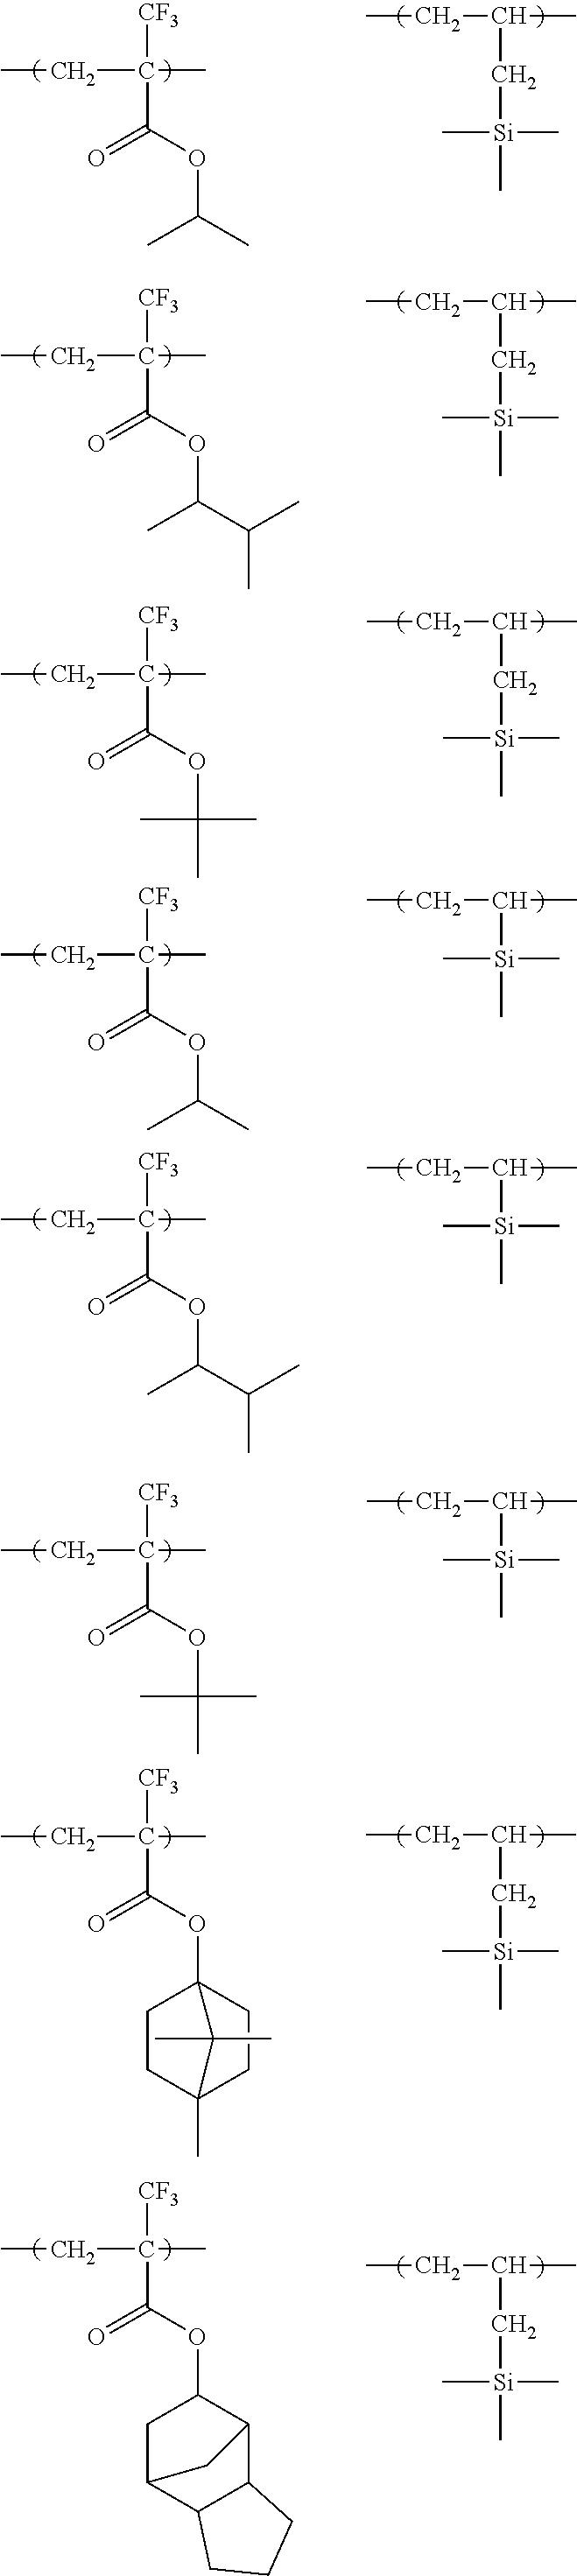 Figure US08476001-20130702-C00079